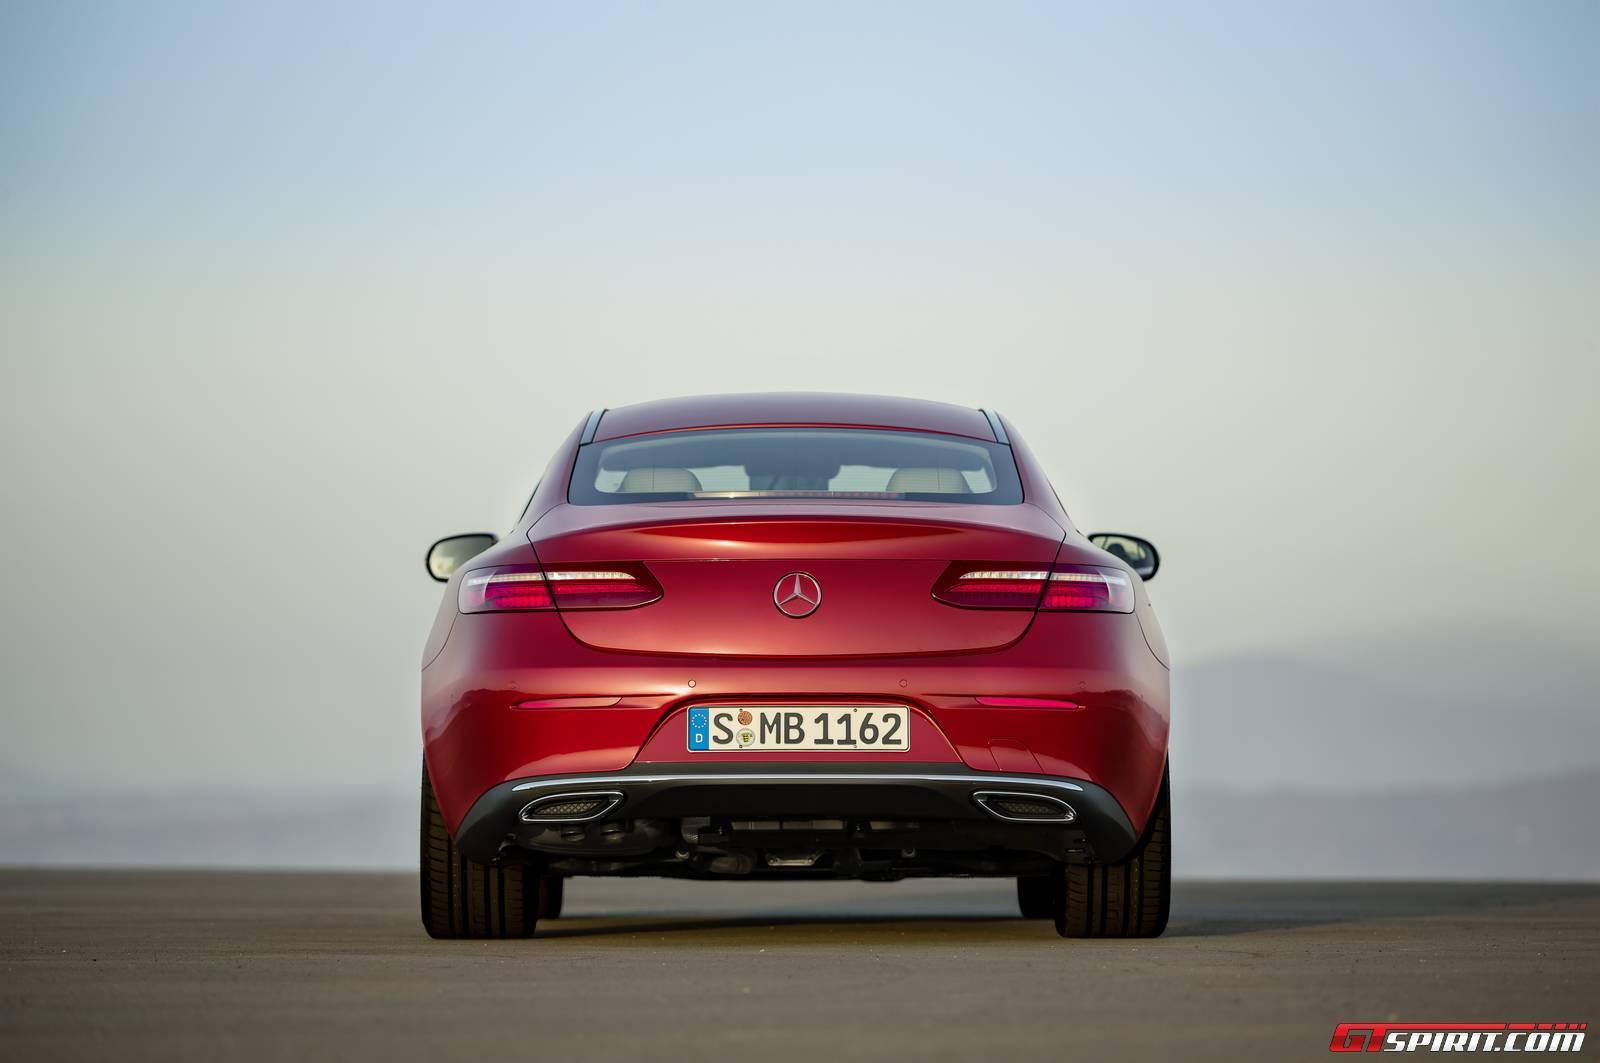 https://storage.googleapis.com/gtspirit/uploads/2016/12/Red-Mercedes-Benz-E-Class-Coupe-19.jpg